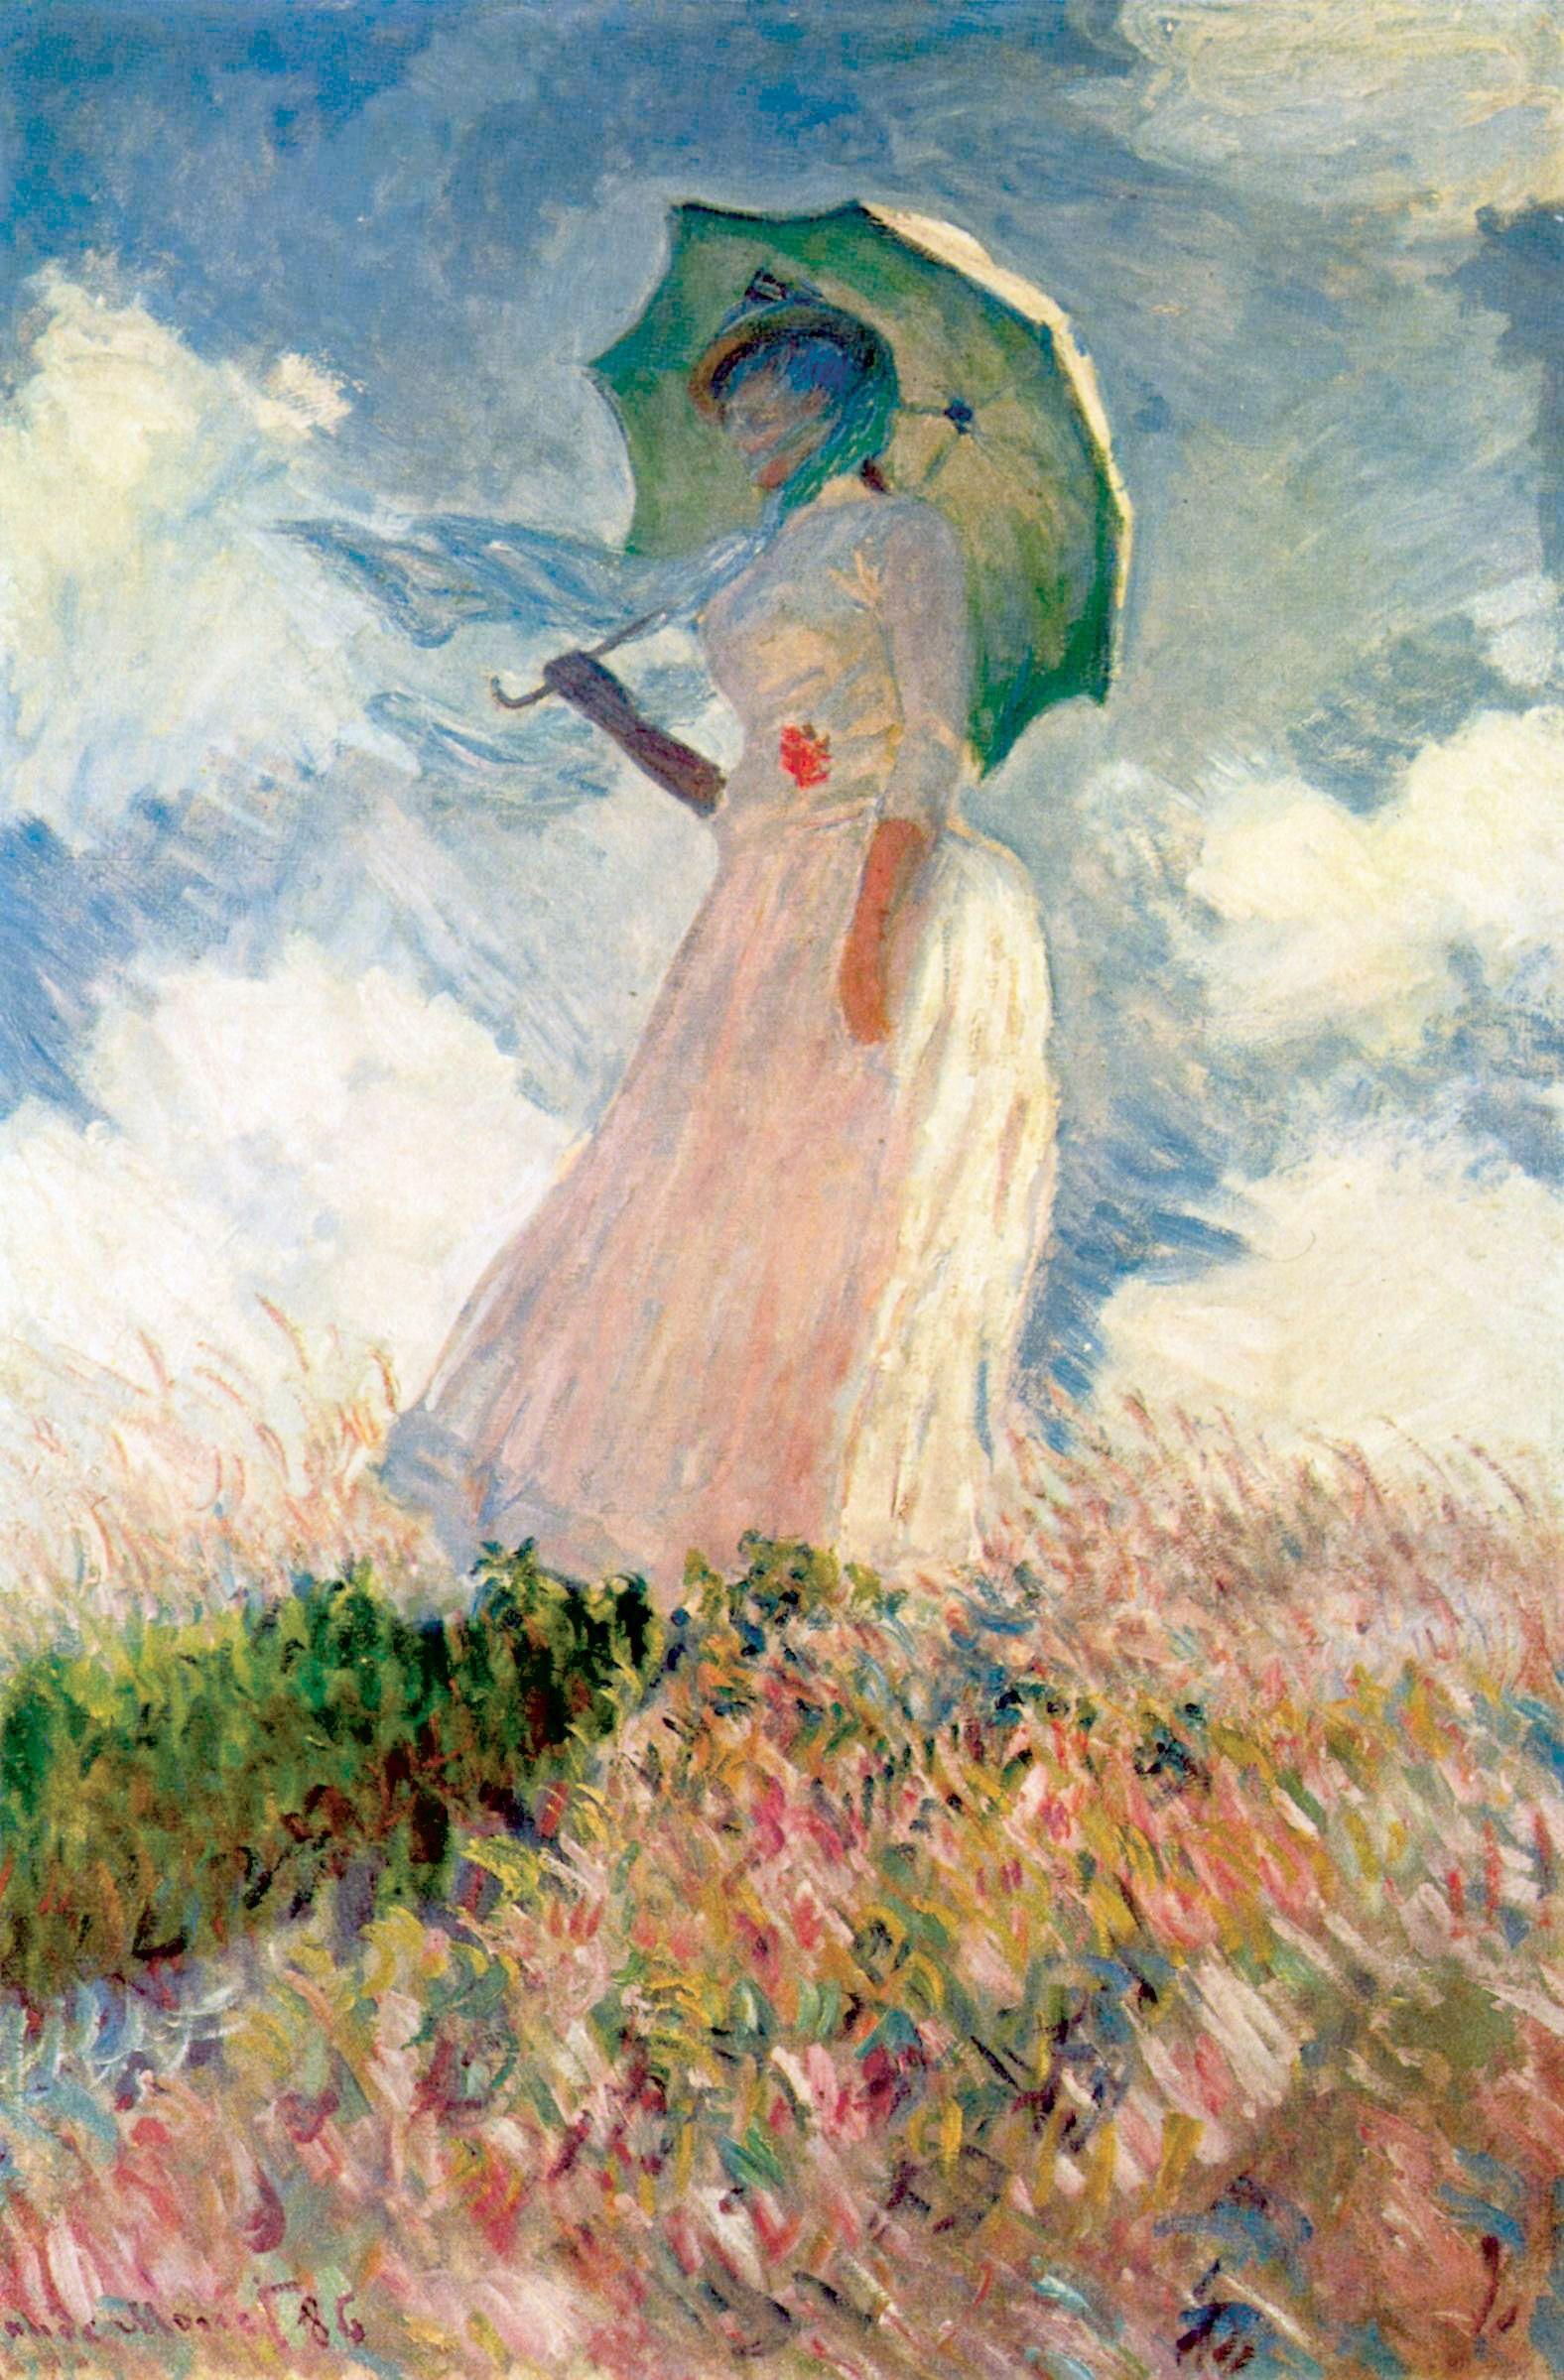 quadri più famosi di monet, donna con il parasole